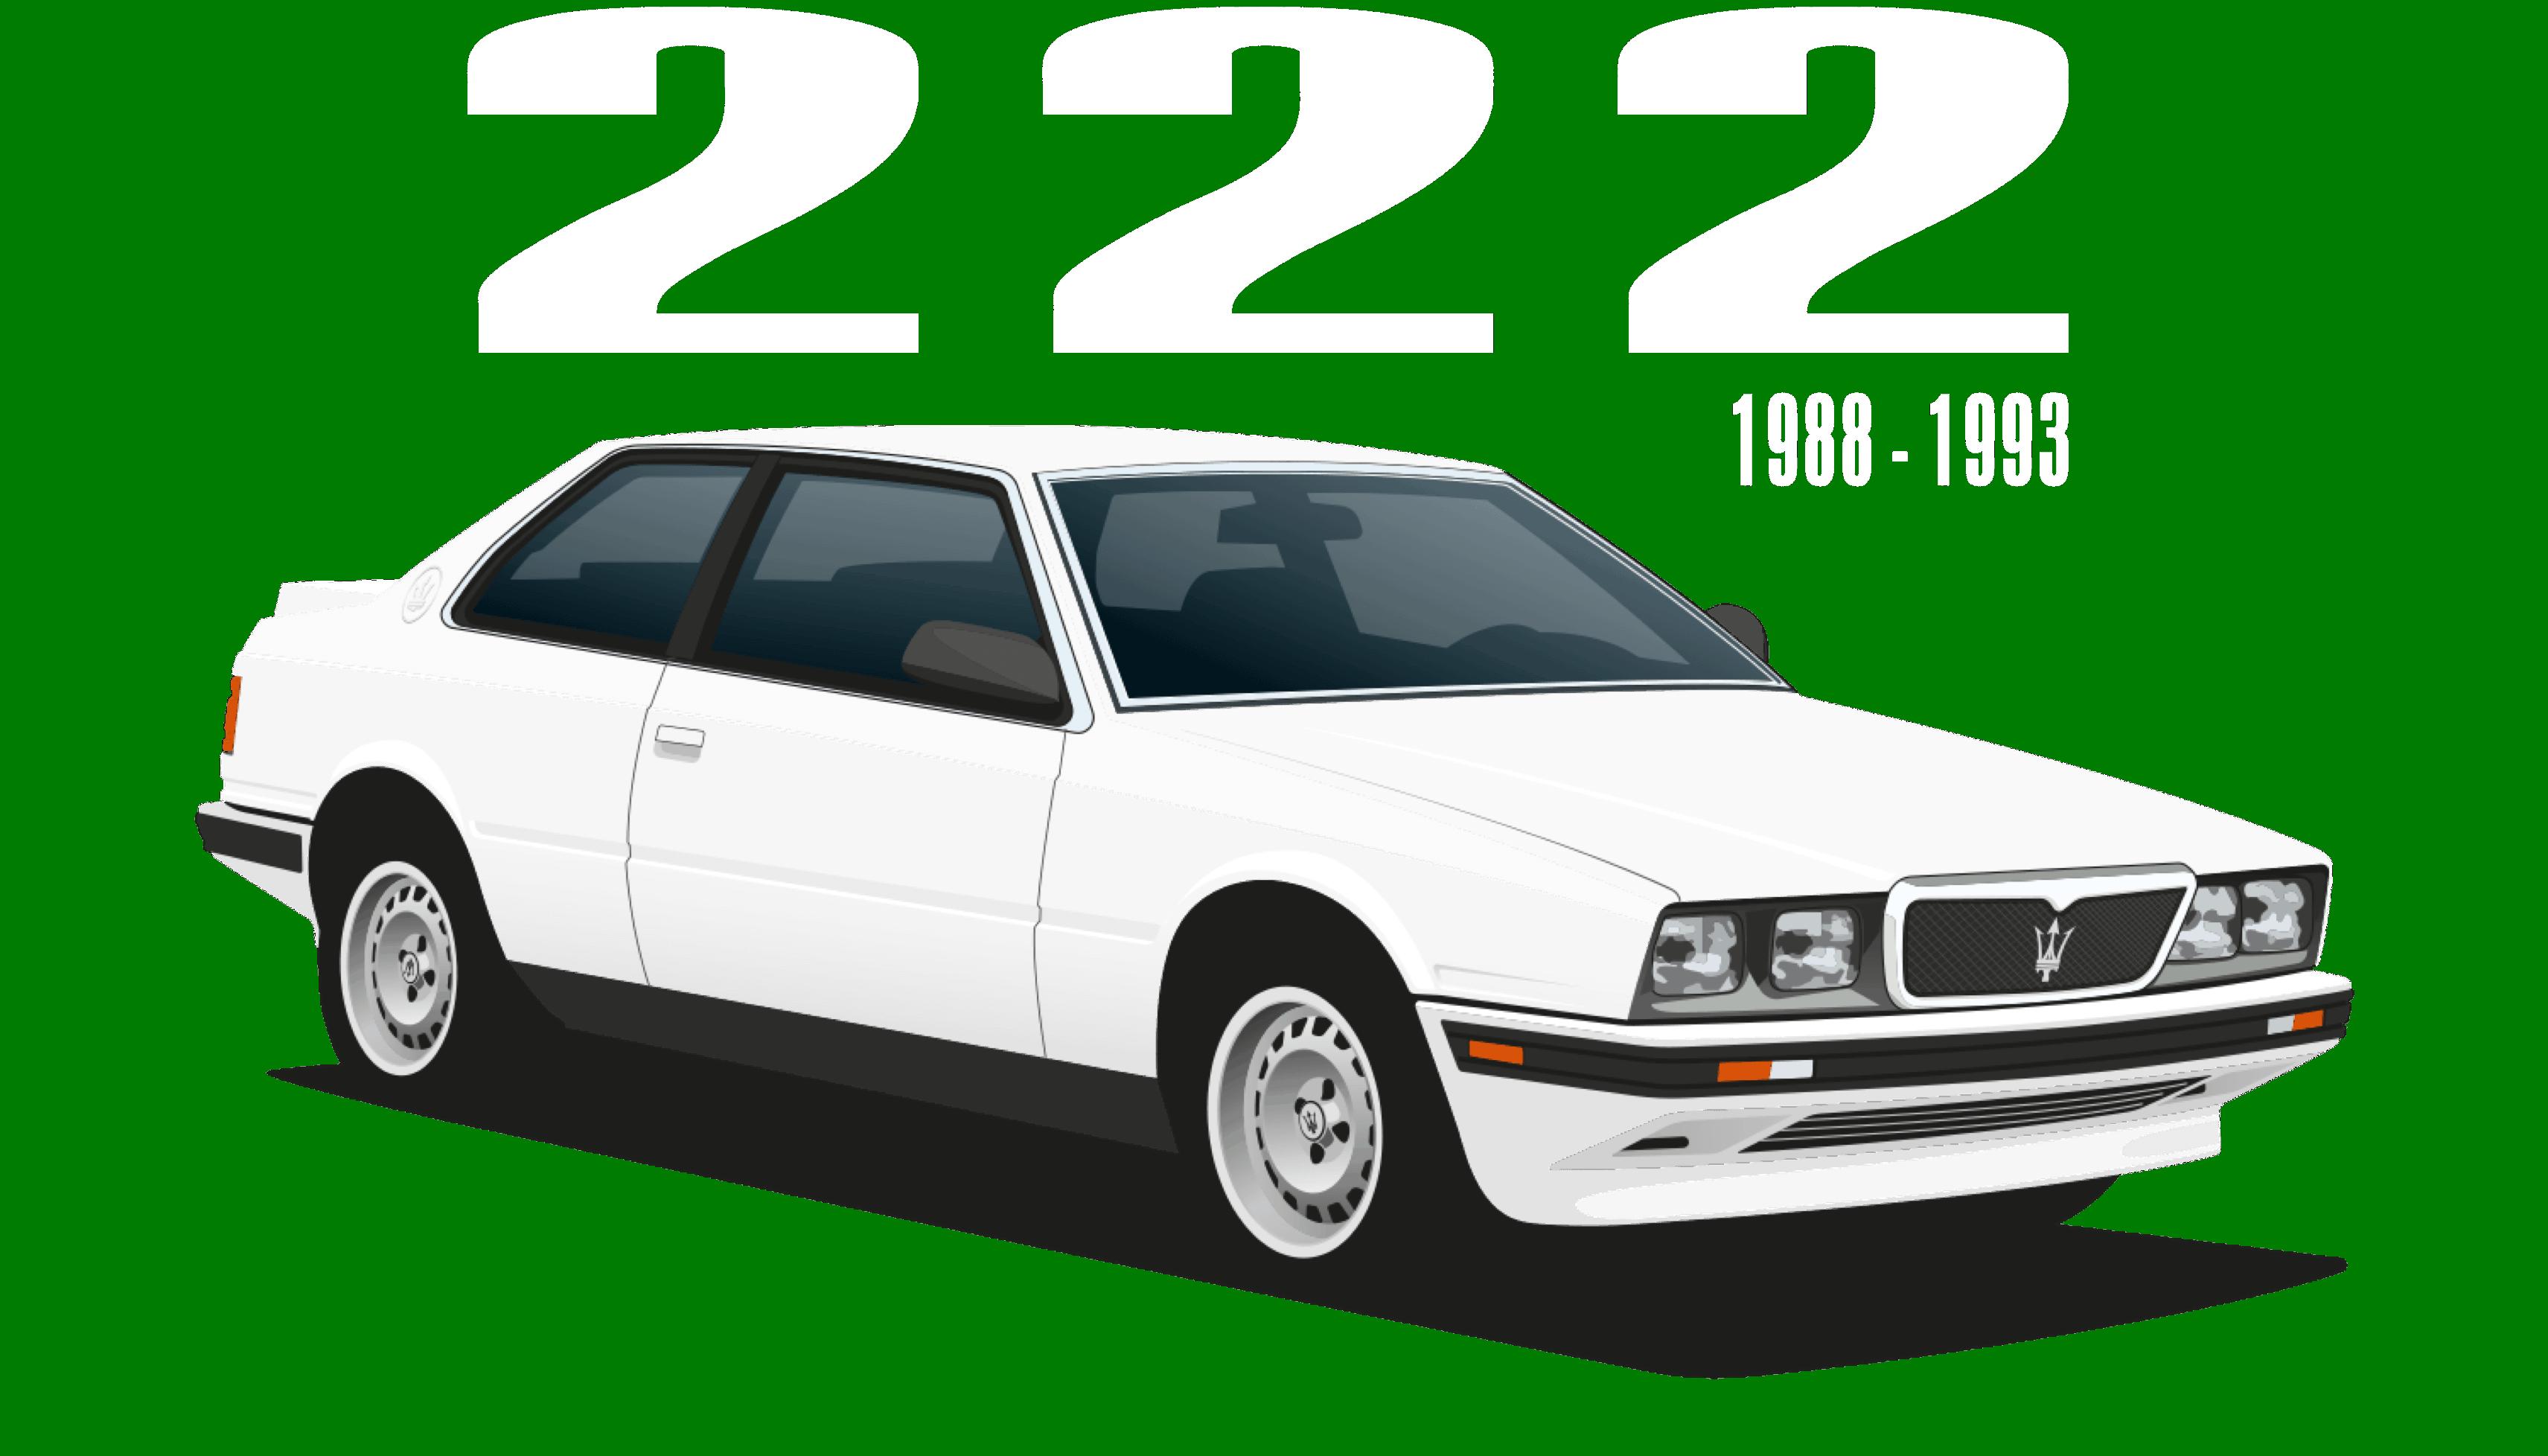 Header 222